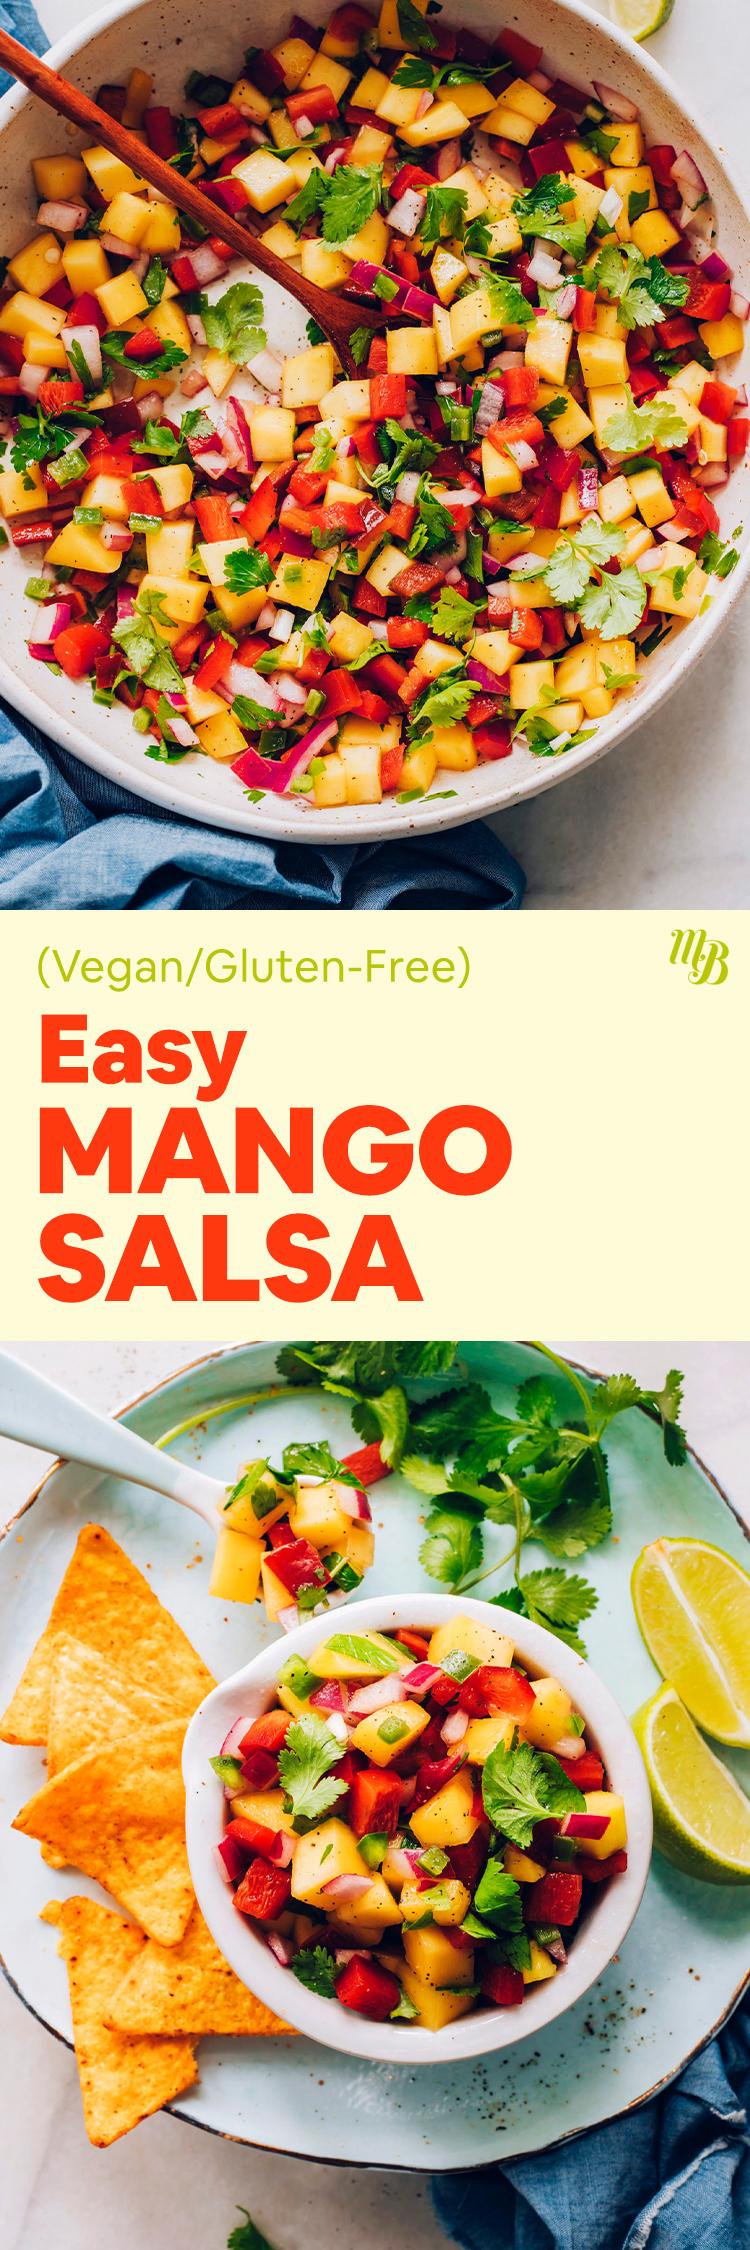 Tazón de salsa de mango fácil vegana y sin gluten con totopos y cilantro a un lado